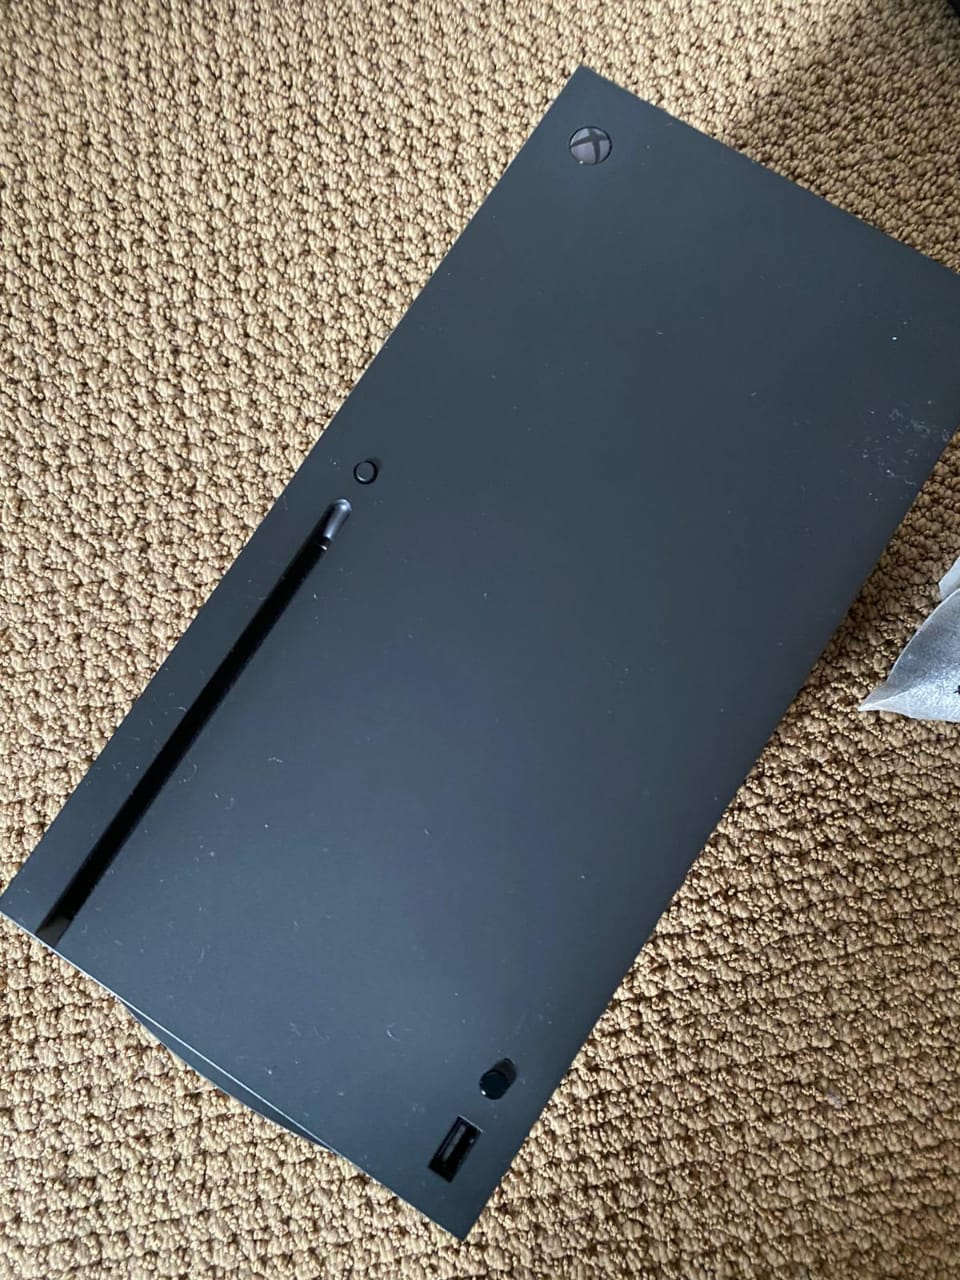 Xbox Series Xのプロトタイプの写真がリーク、USB-CではなくUSB-Aポート搭載